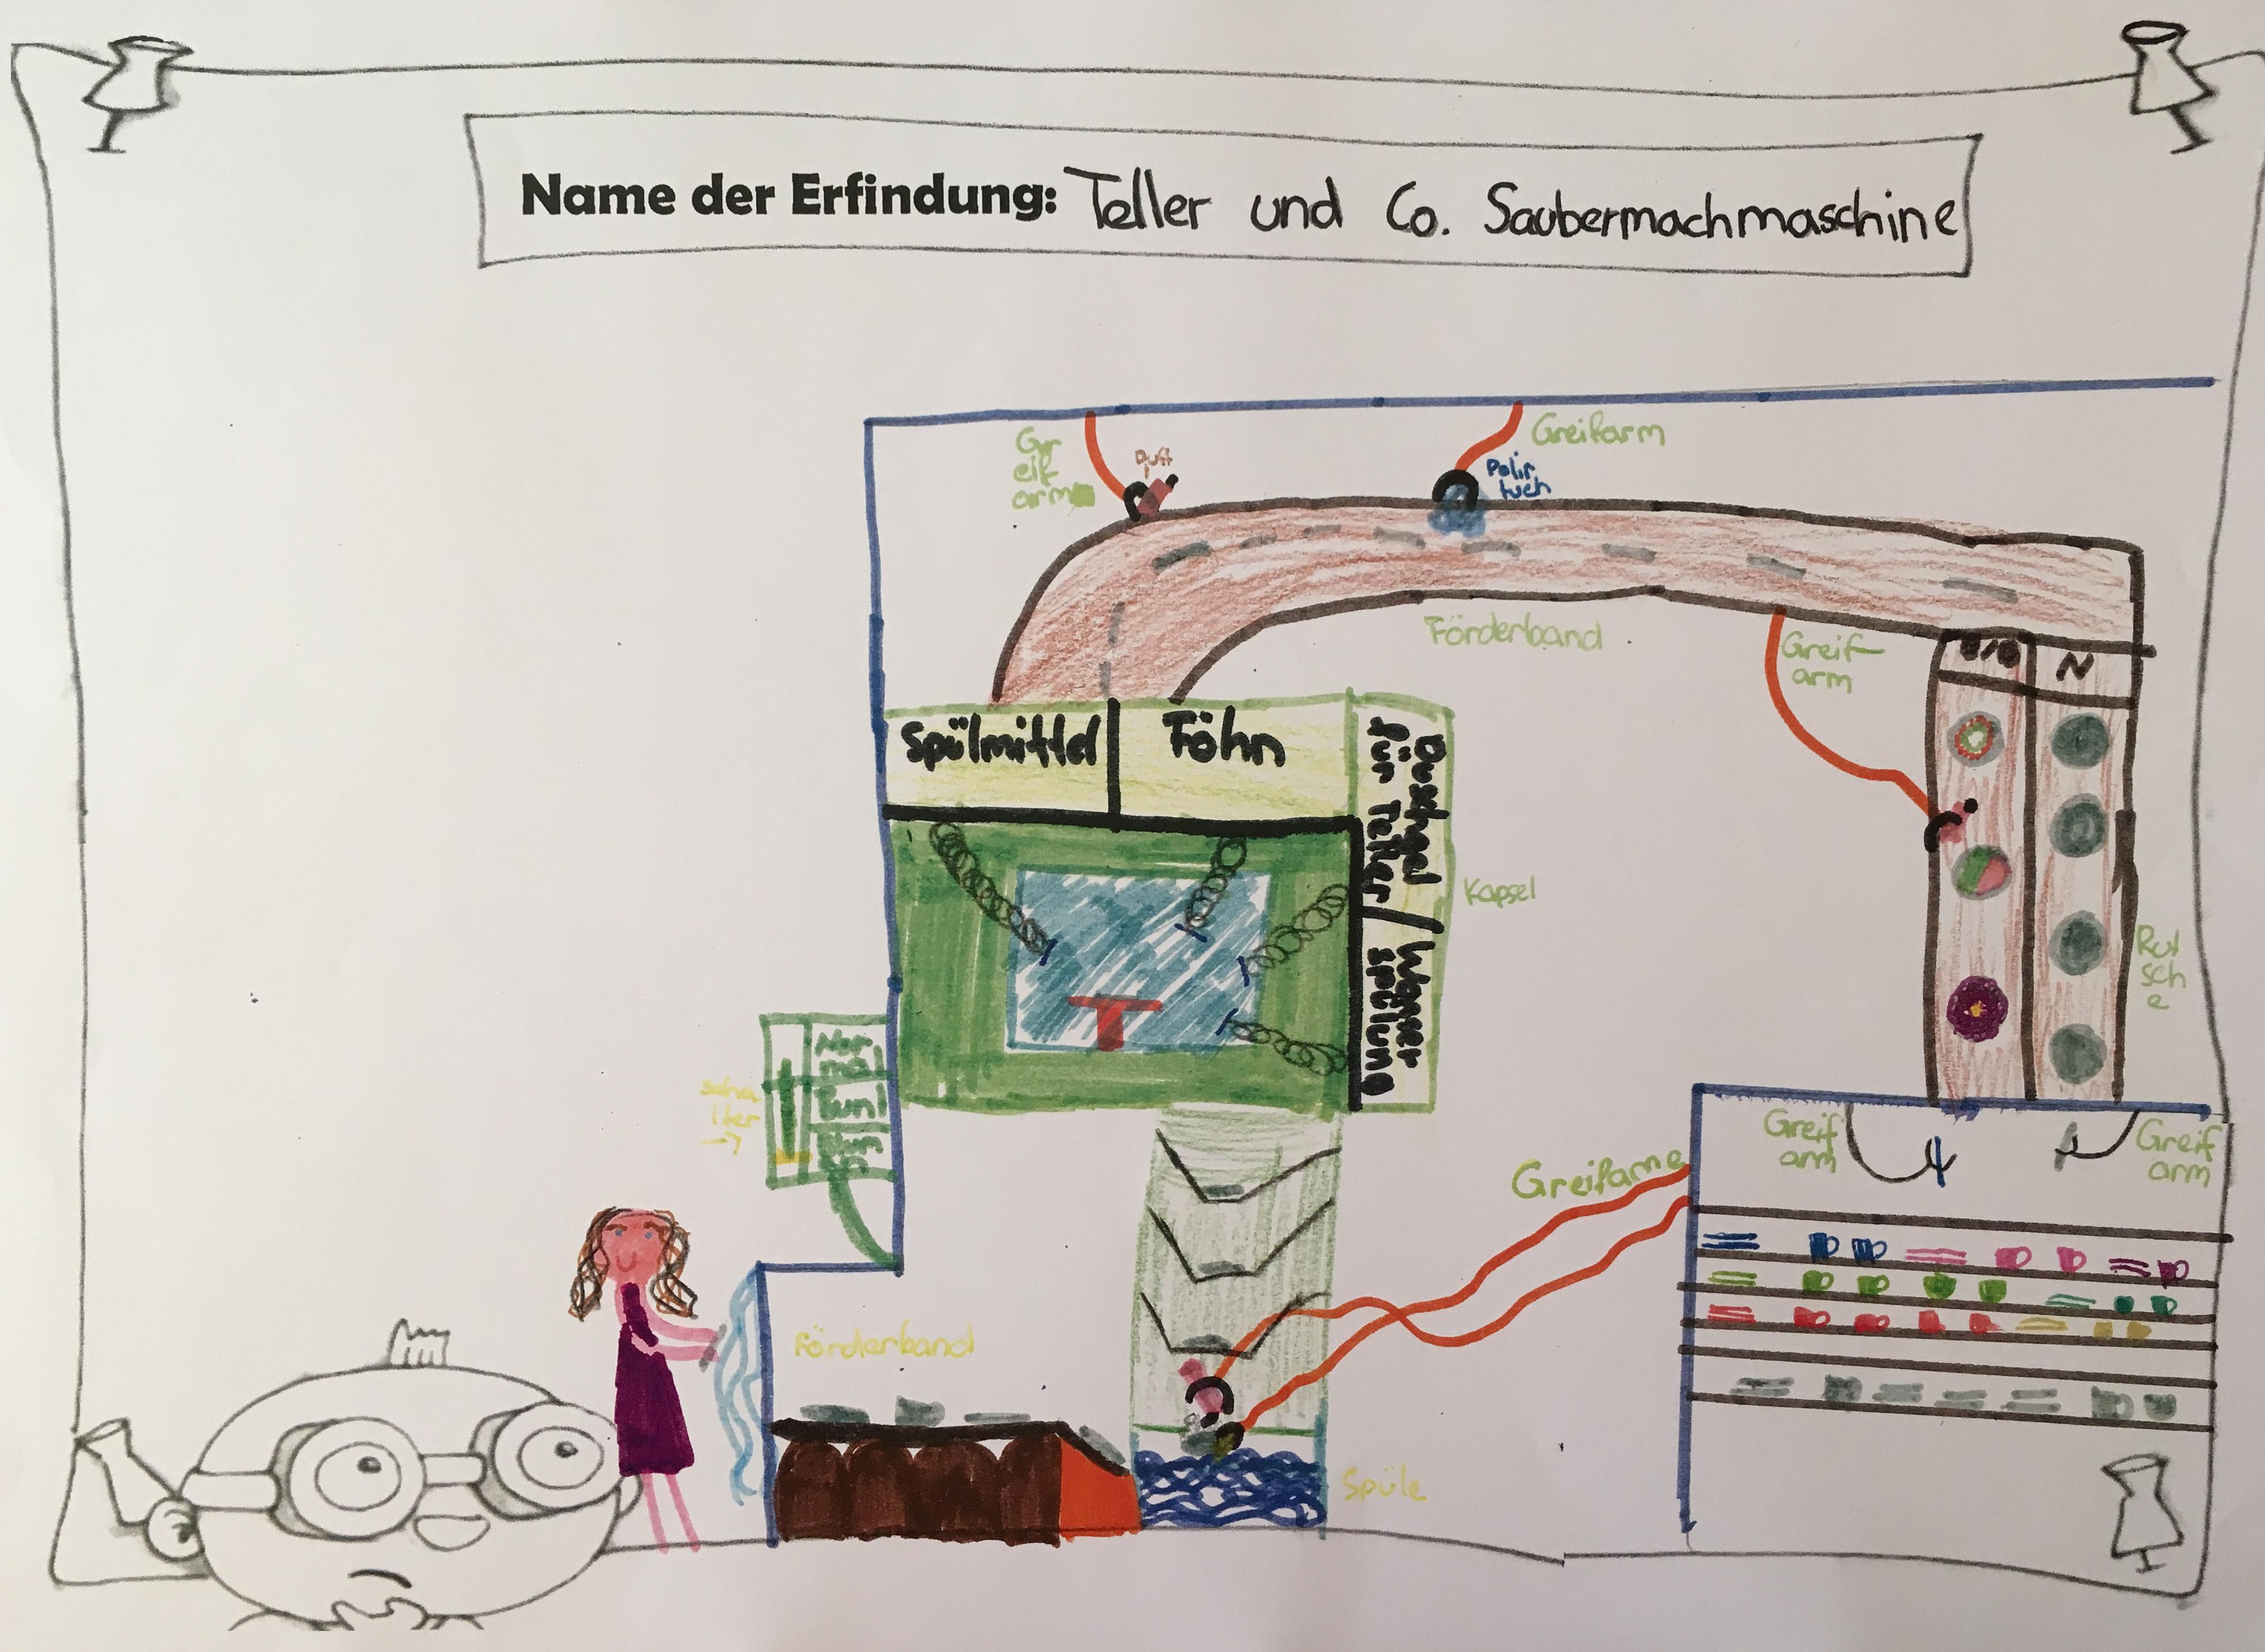 Bild von  Teller-und-Co.-Saubermachmaschine